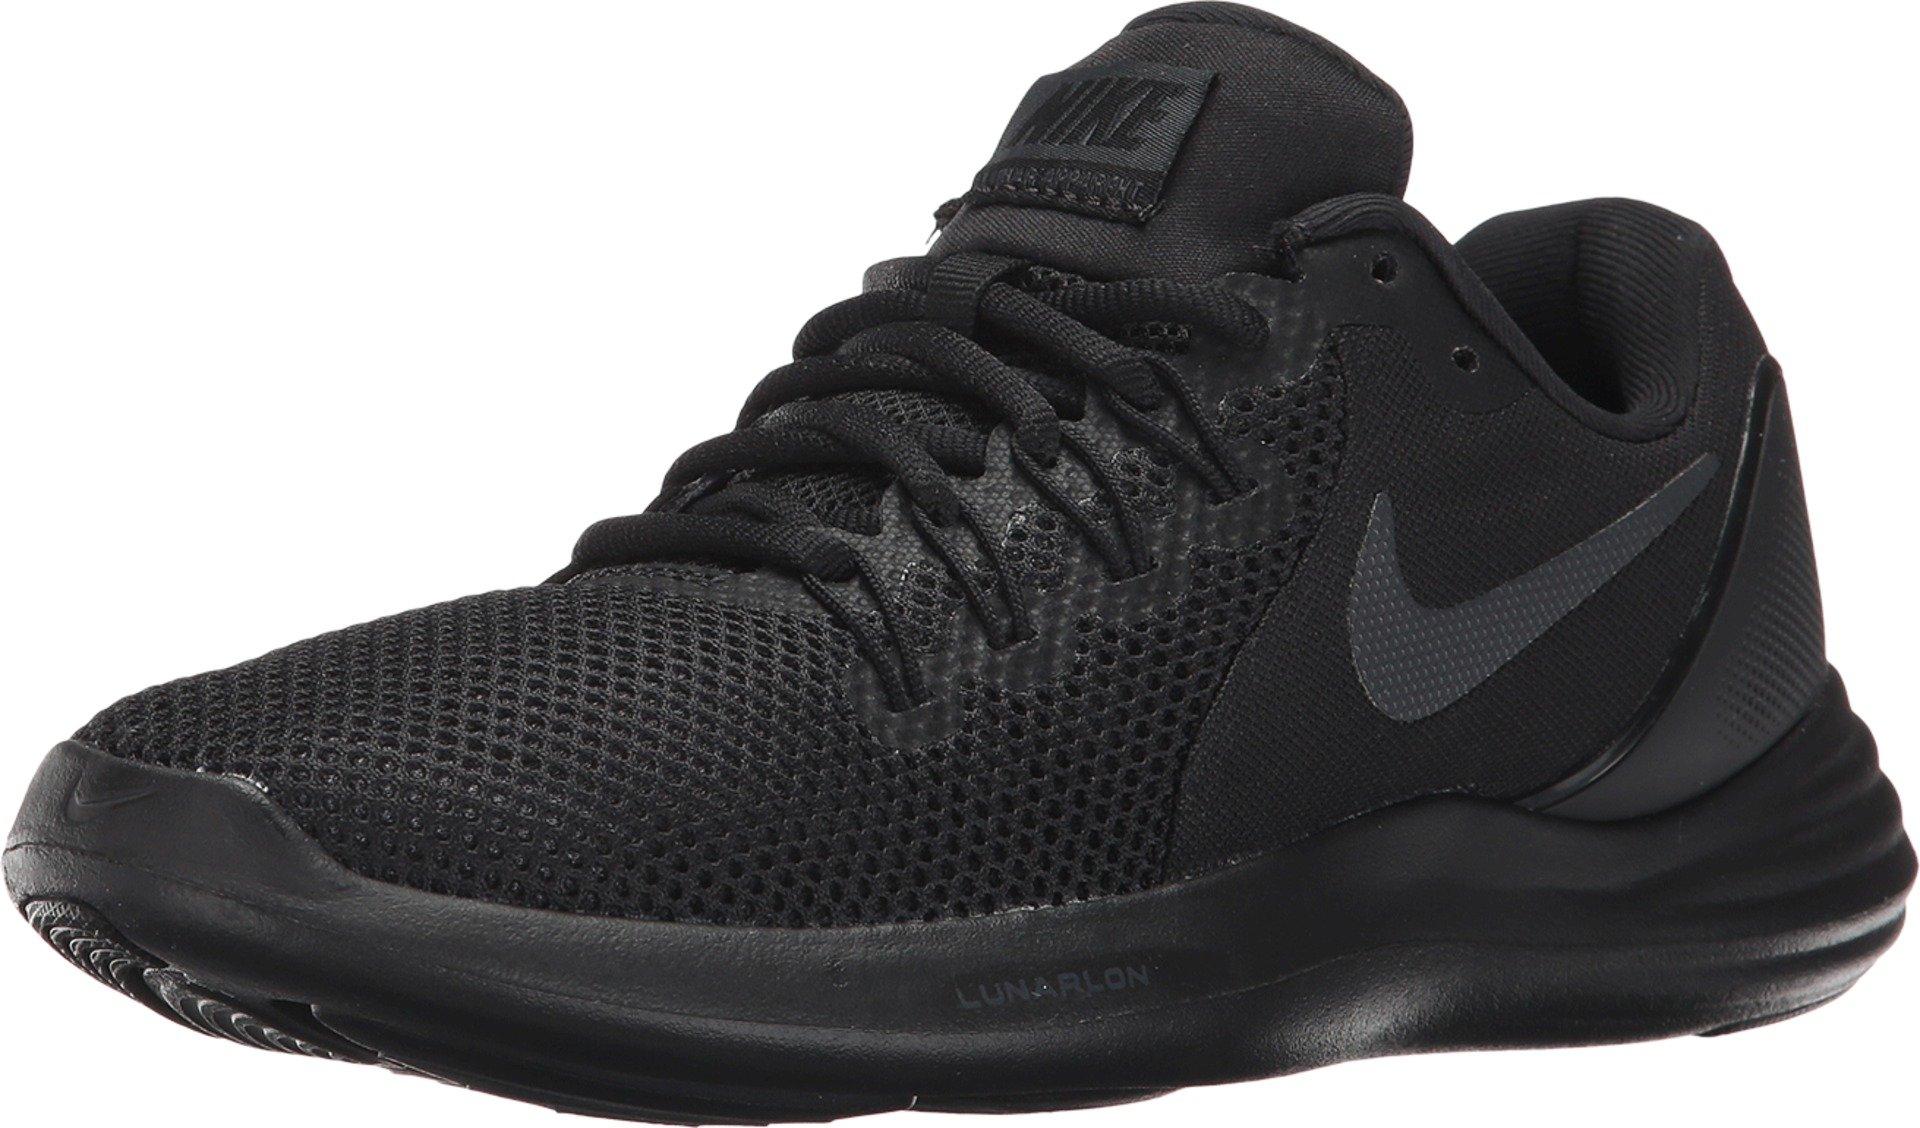 Nike Women's Lunar Apparent Running Shoe